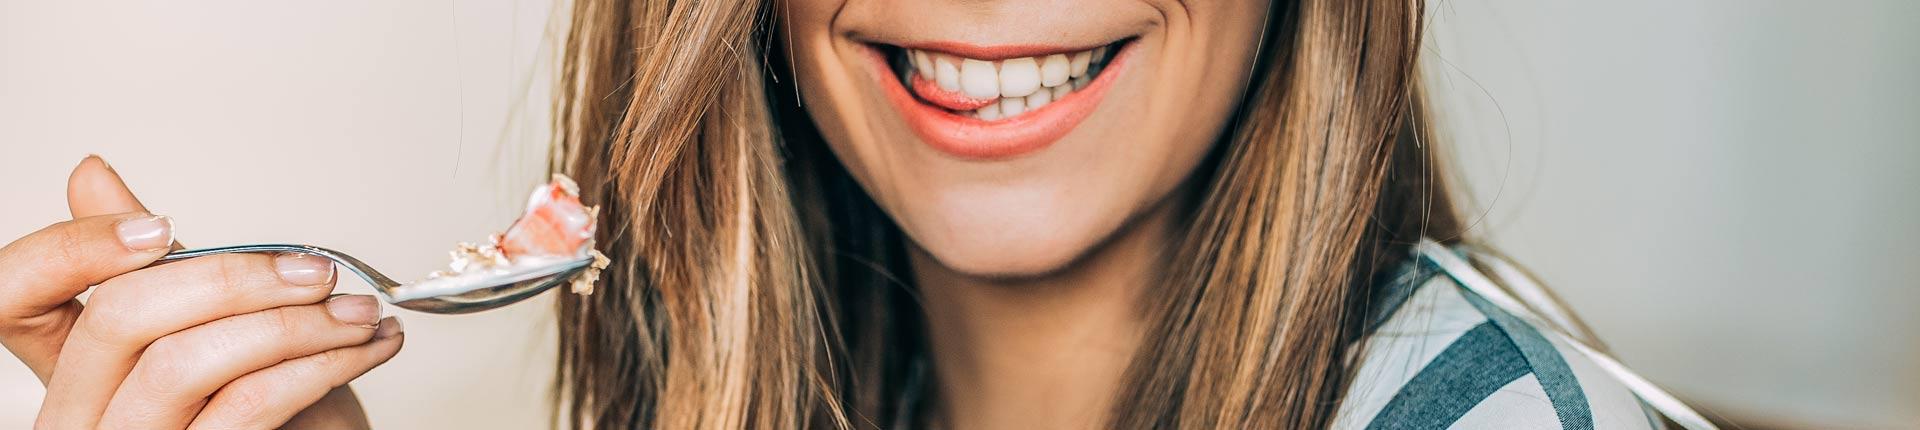 Kaszka proteinowa: Czy na diecie można jeść kaszkę?